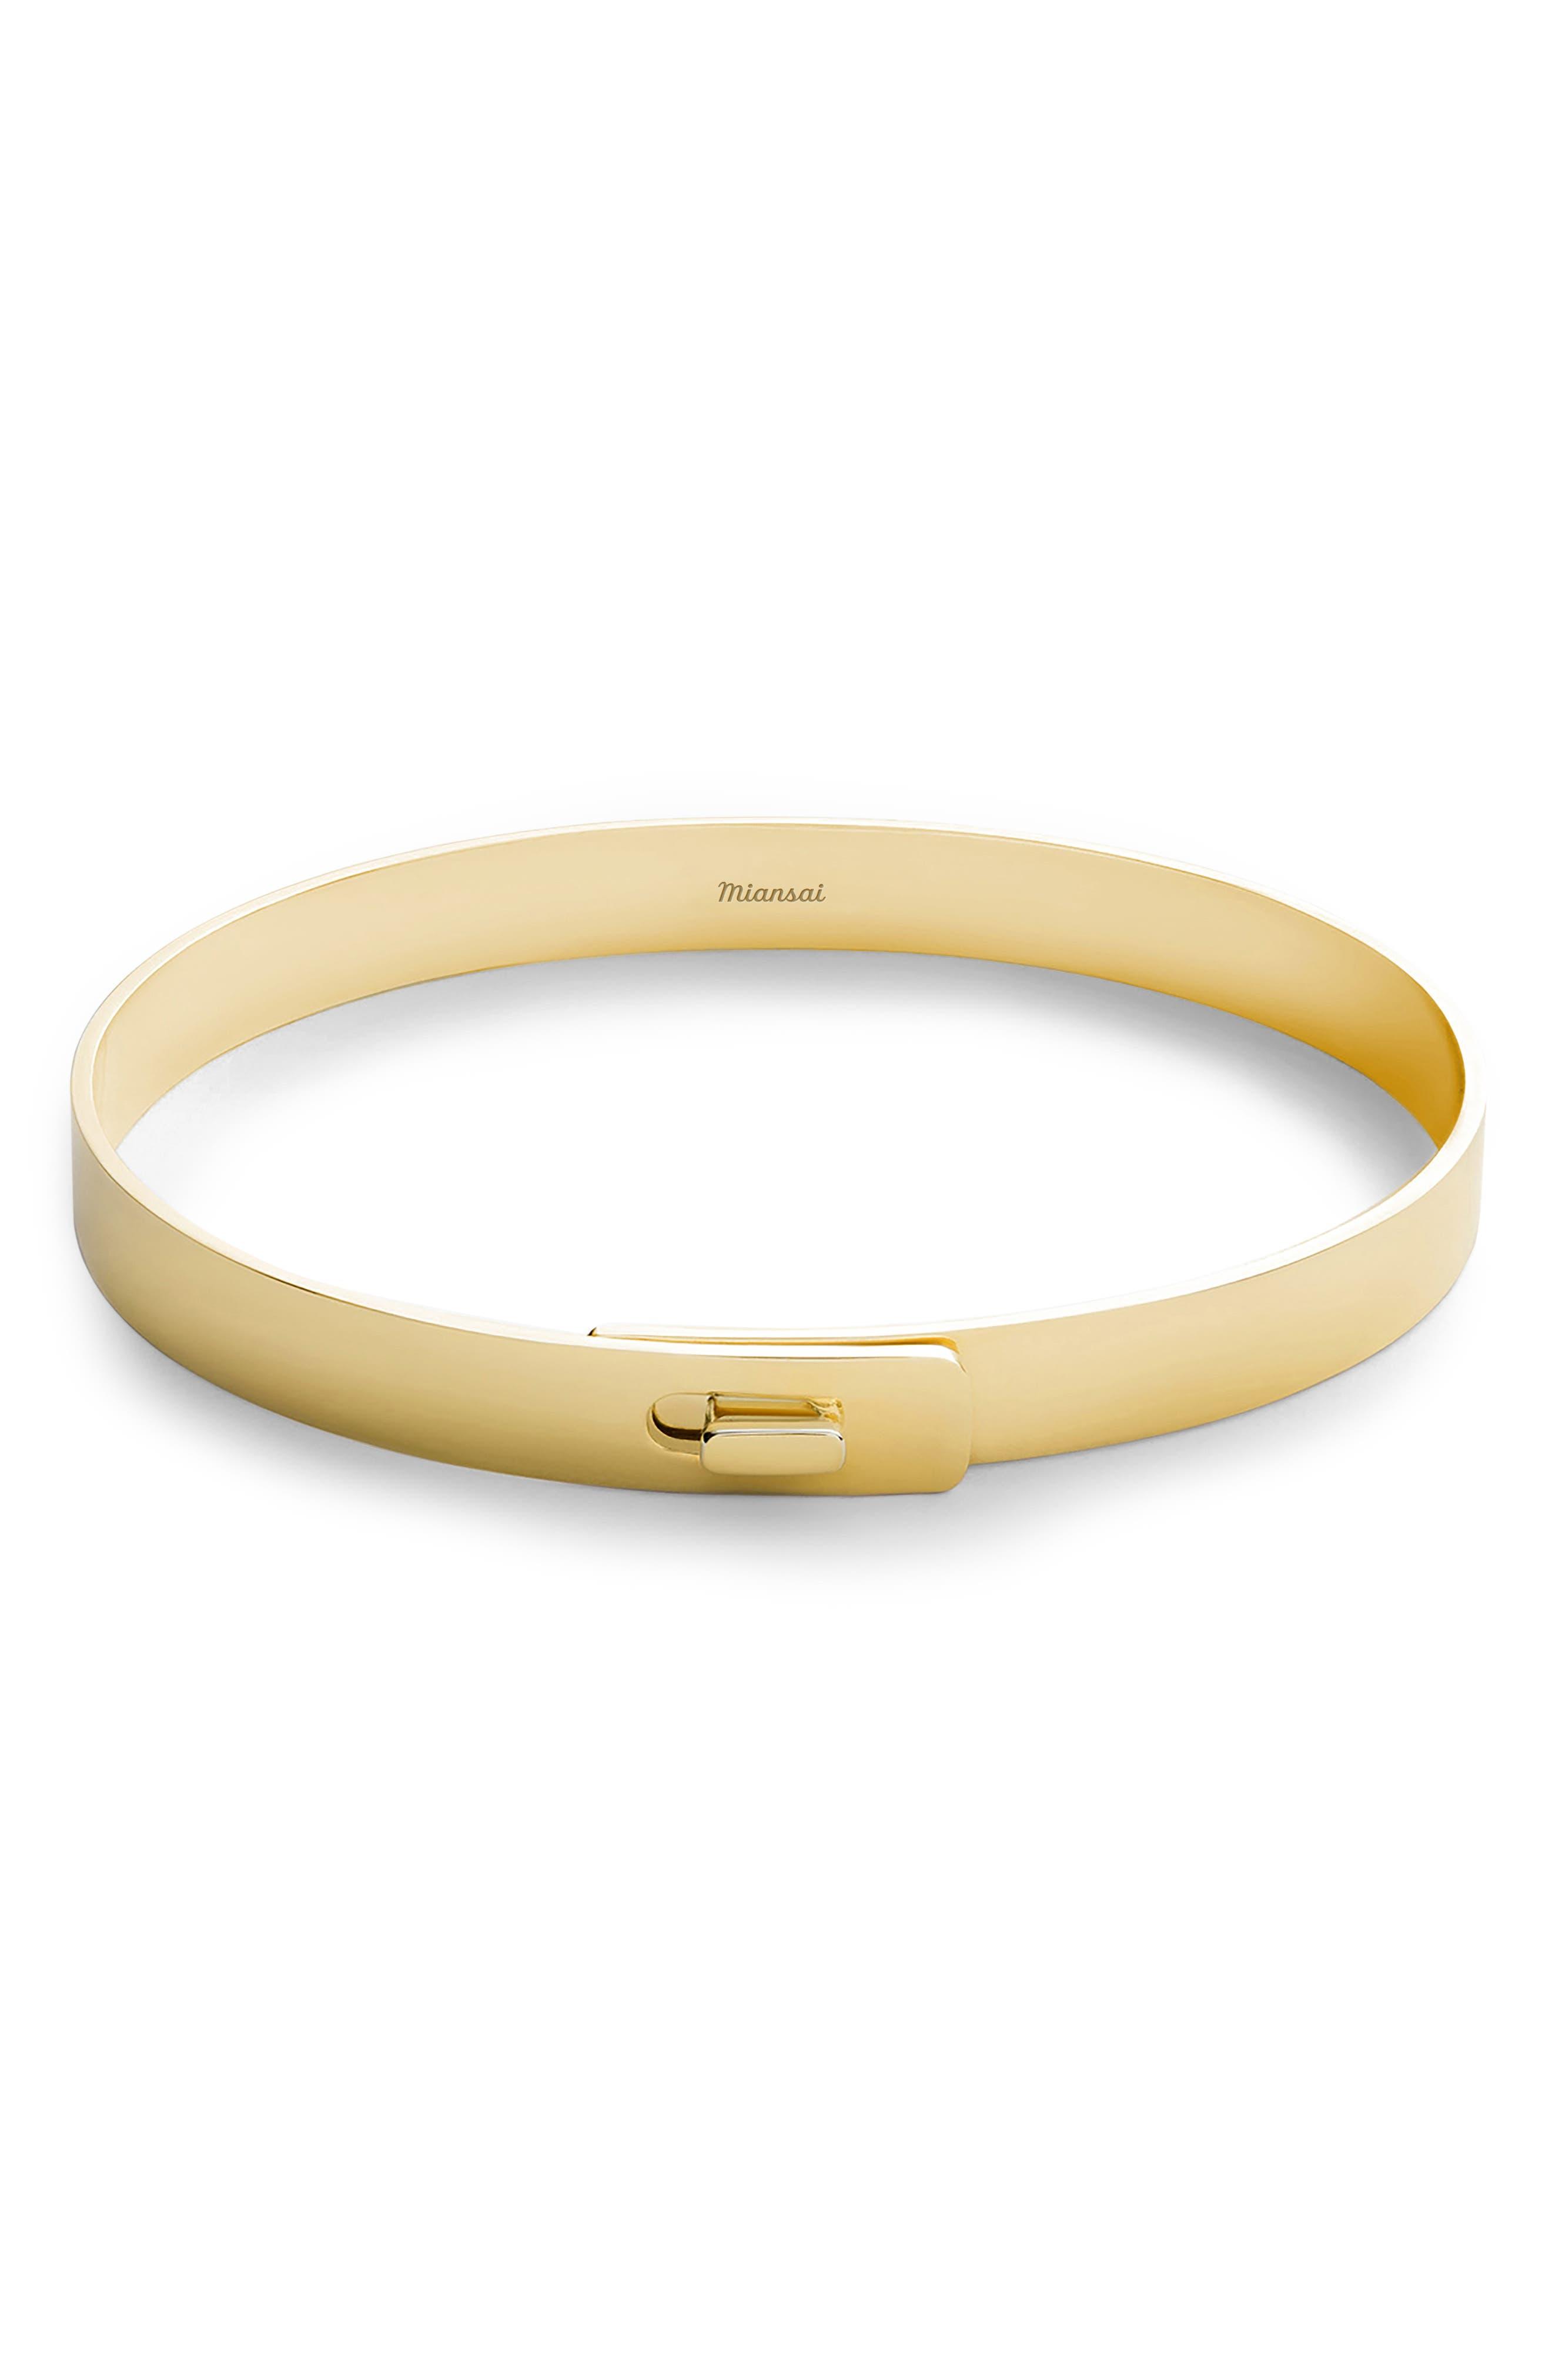 MIANSAI, Gold Vermeil Cuff Bracelet, Main thumbnail 1, color, 715